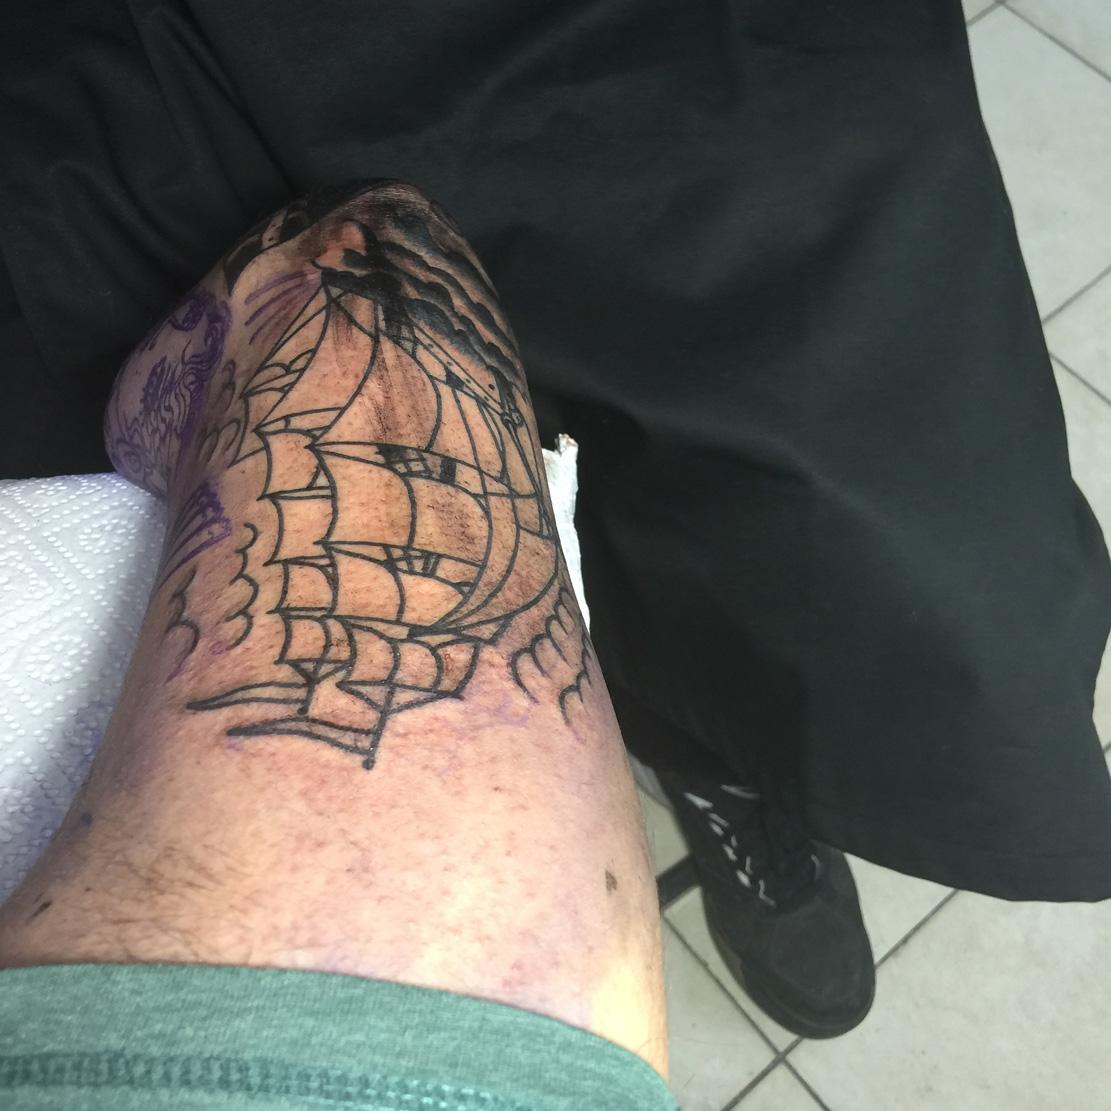 Gojenie tatuażu, pielęgnacja tatuażu, tatuaże pielęgnacja, poradnik tatuaże, czystość tatuażu, tatuaż goi się, tatuaż schodzi, skóra schodzi z tatuażu